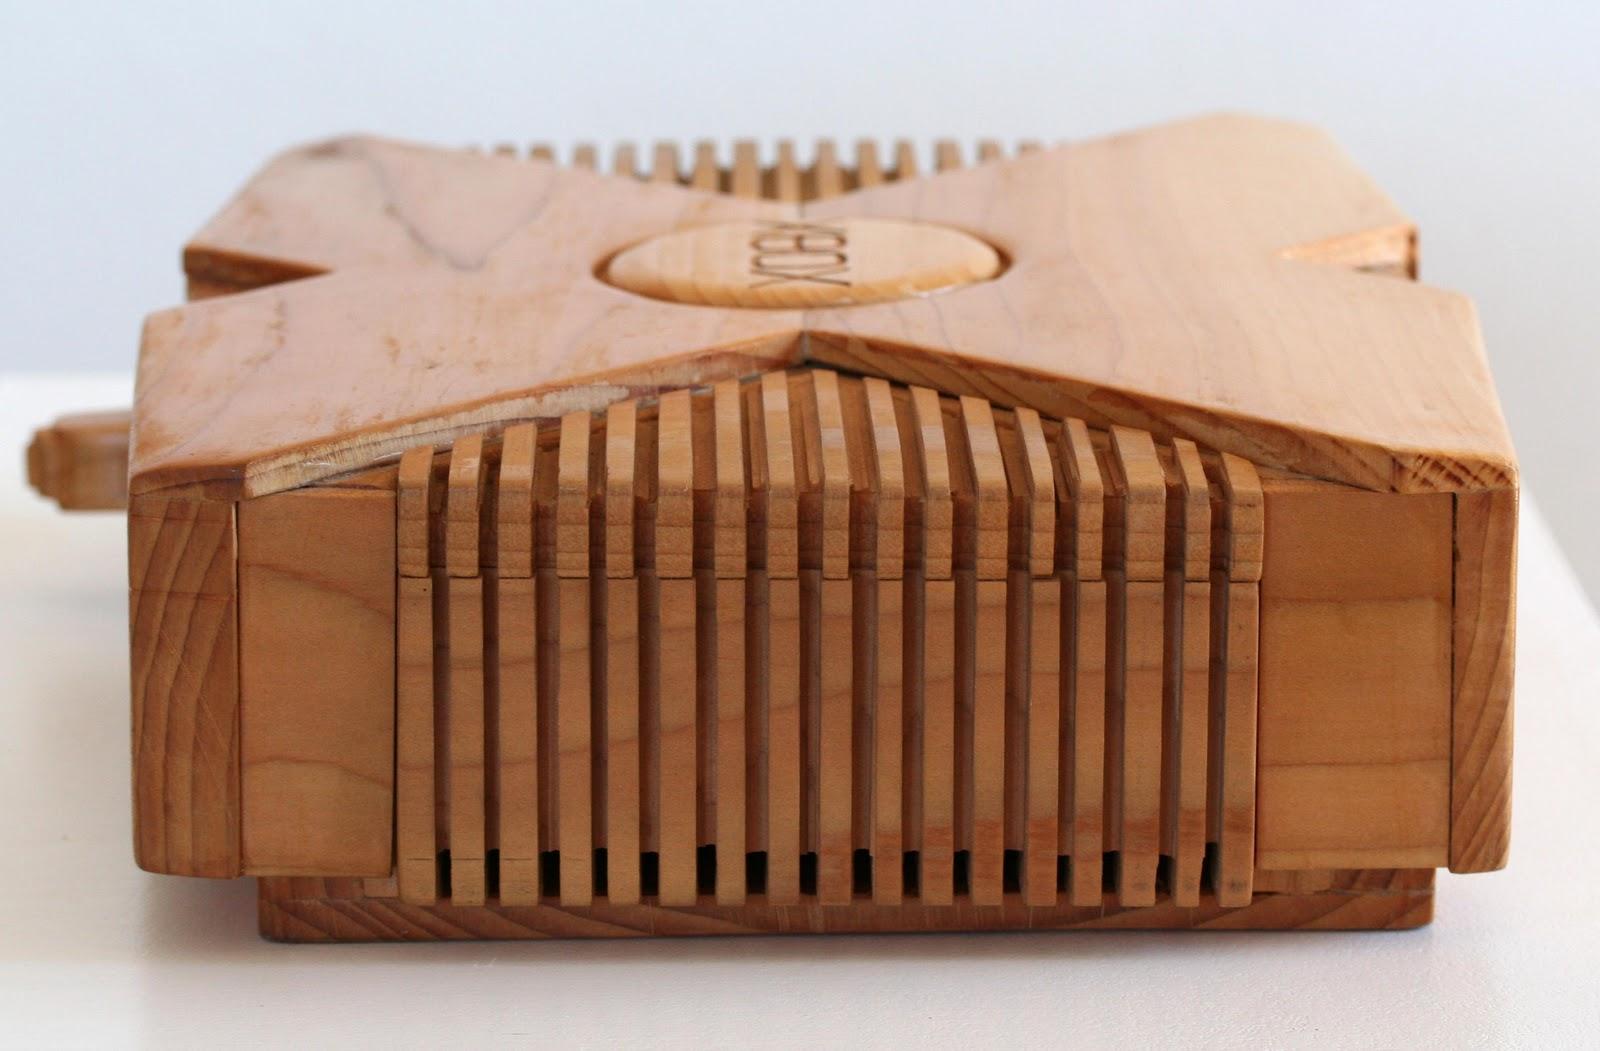 Art geek une magnifique sculpture de xbox taill dans le - Sculpture sur bois debutant ...